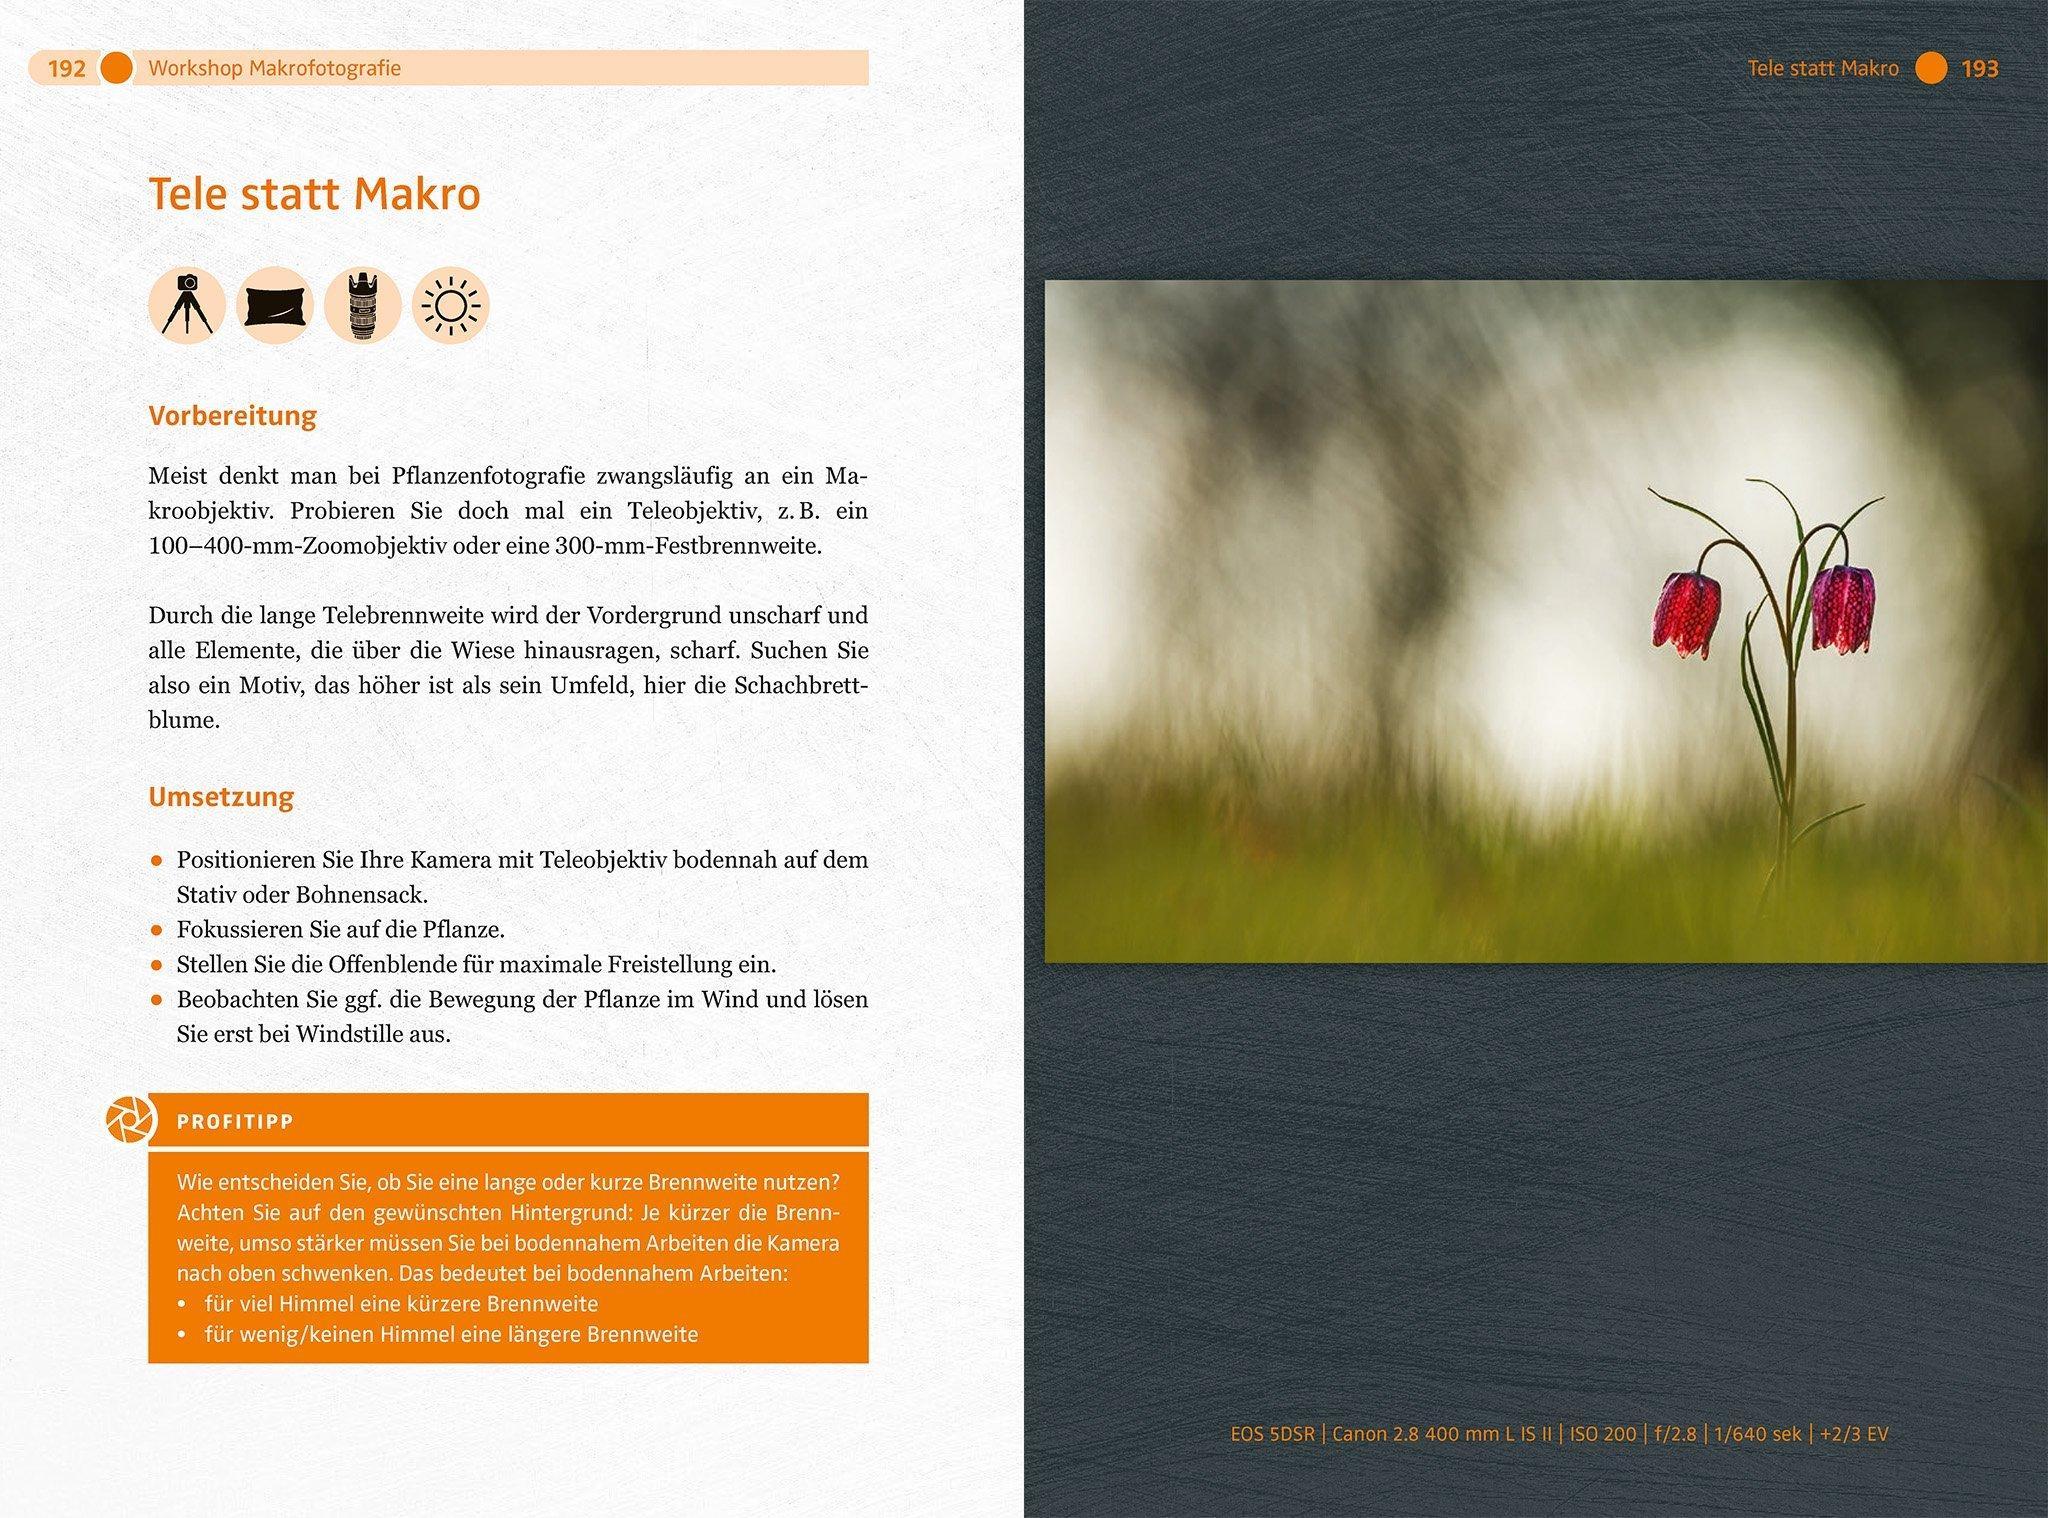 Doppelseite aus dem besprochenen Buch: Links sind Anweisungen zu lesen, rechts ein Beispielbild.